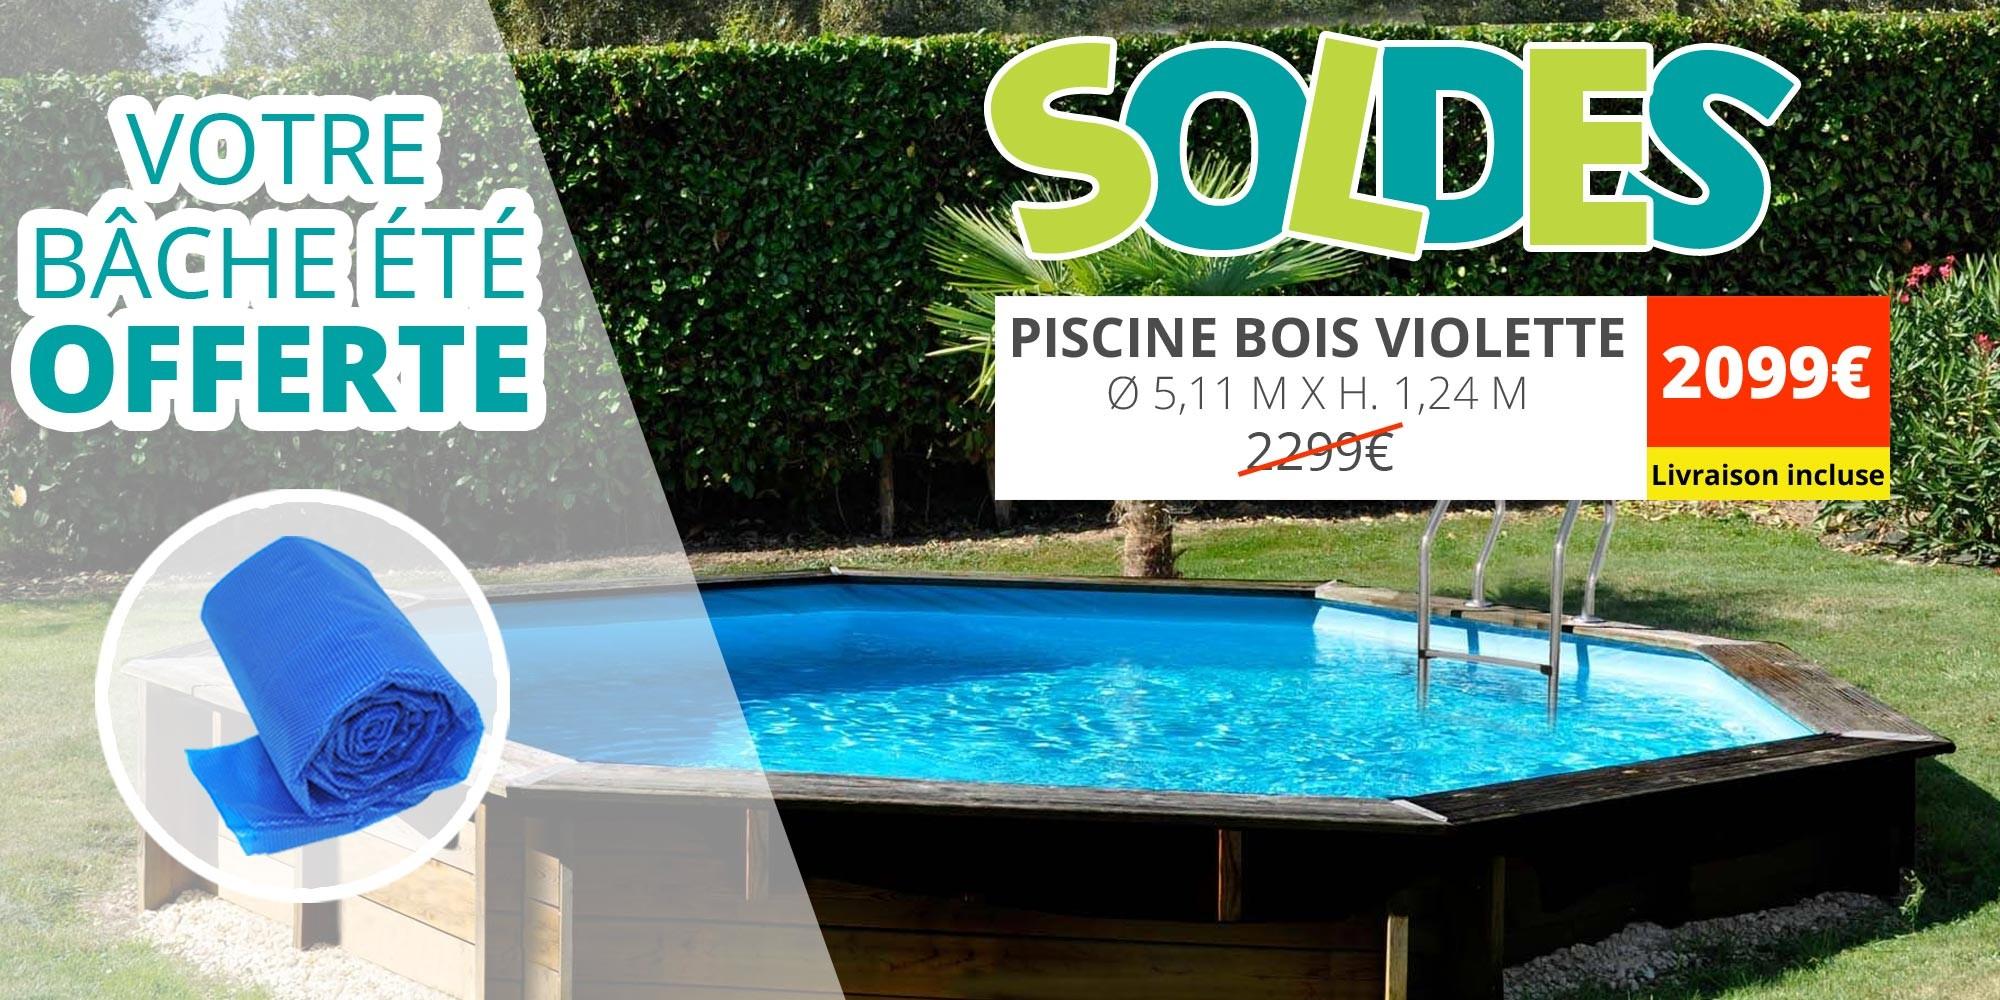 -200€ et bache été offerte pour la piscine bois ronde violette